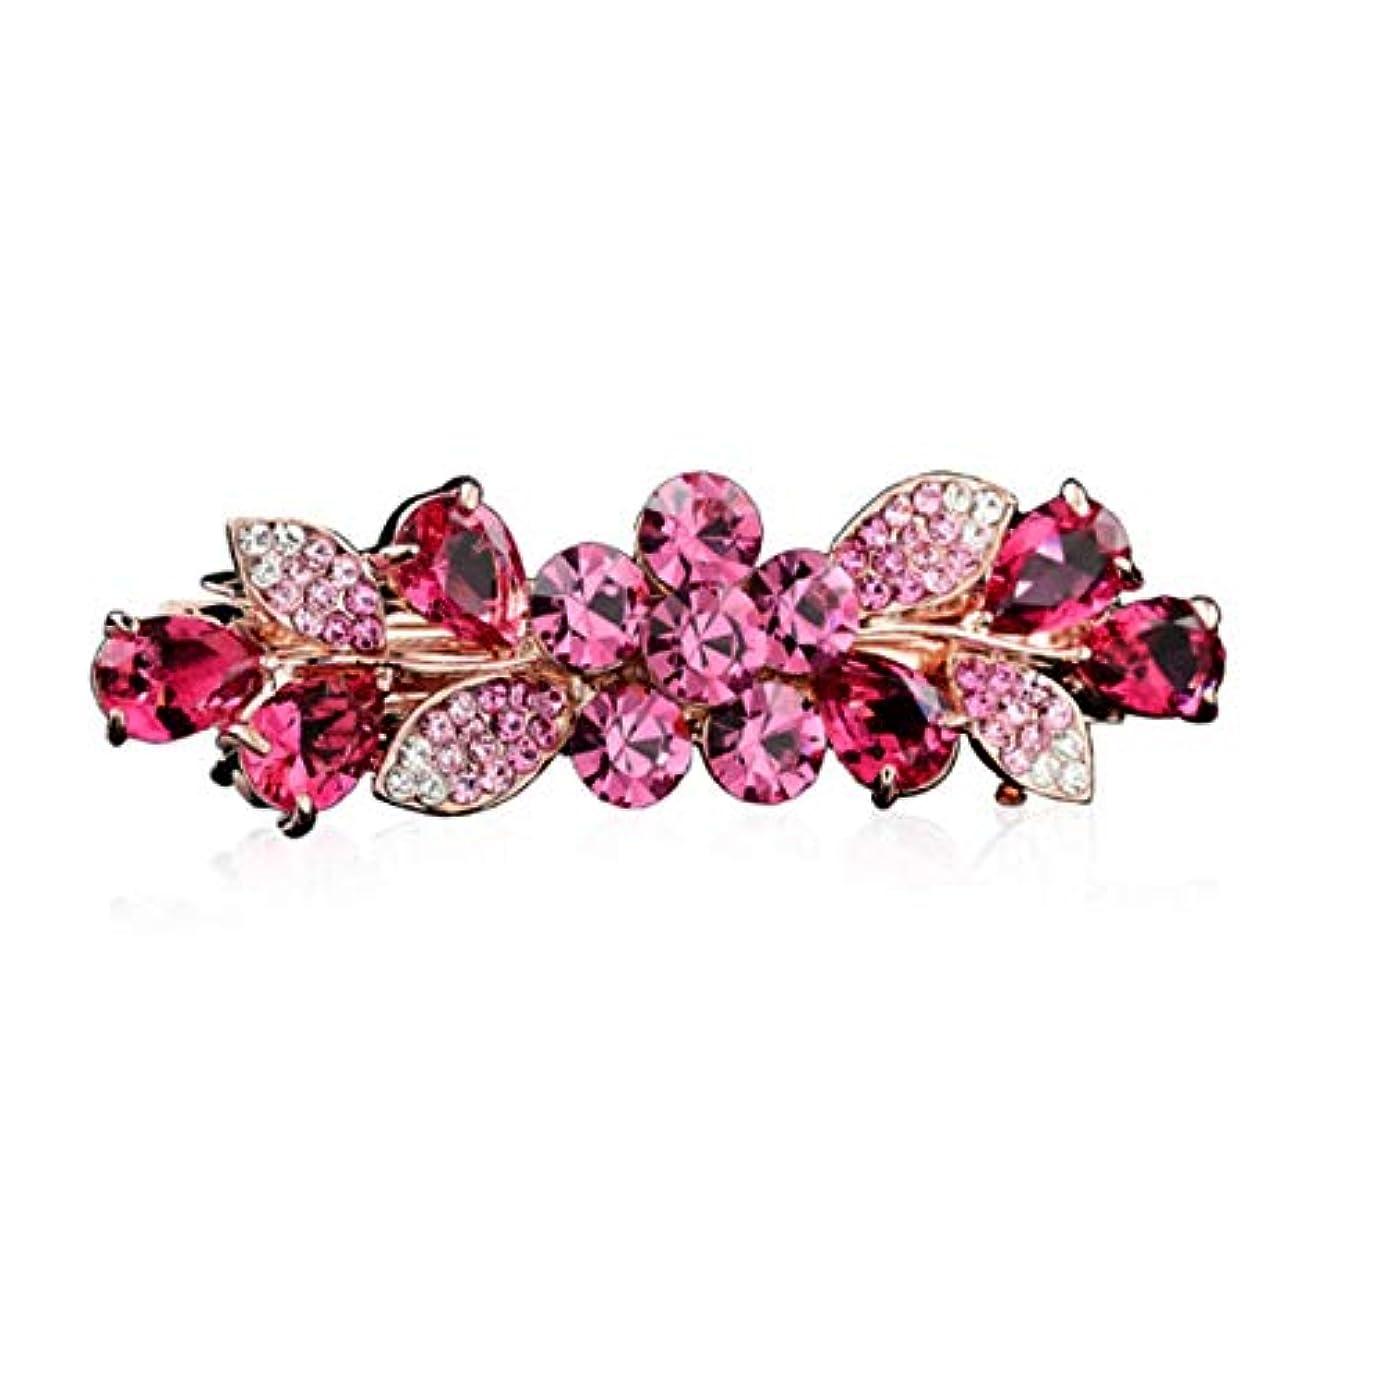 保護するコンテンツ柔らかいヘアクリップ、ヘアピン、ヘアグリップ、ヘアグリップ、大人用装身具ヘアピンヘアピンミディアムスプリングクリップクリップトップクリップ帽子エレガントなヘアアクセサリーパープル、ピンク、ゴールド (Color : Pink,...